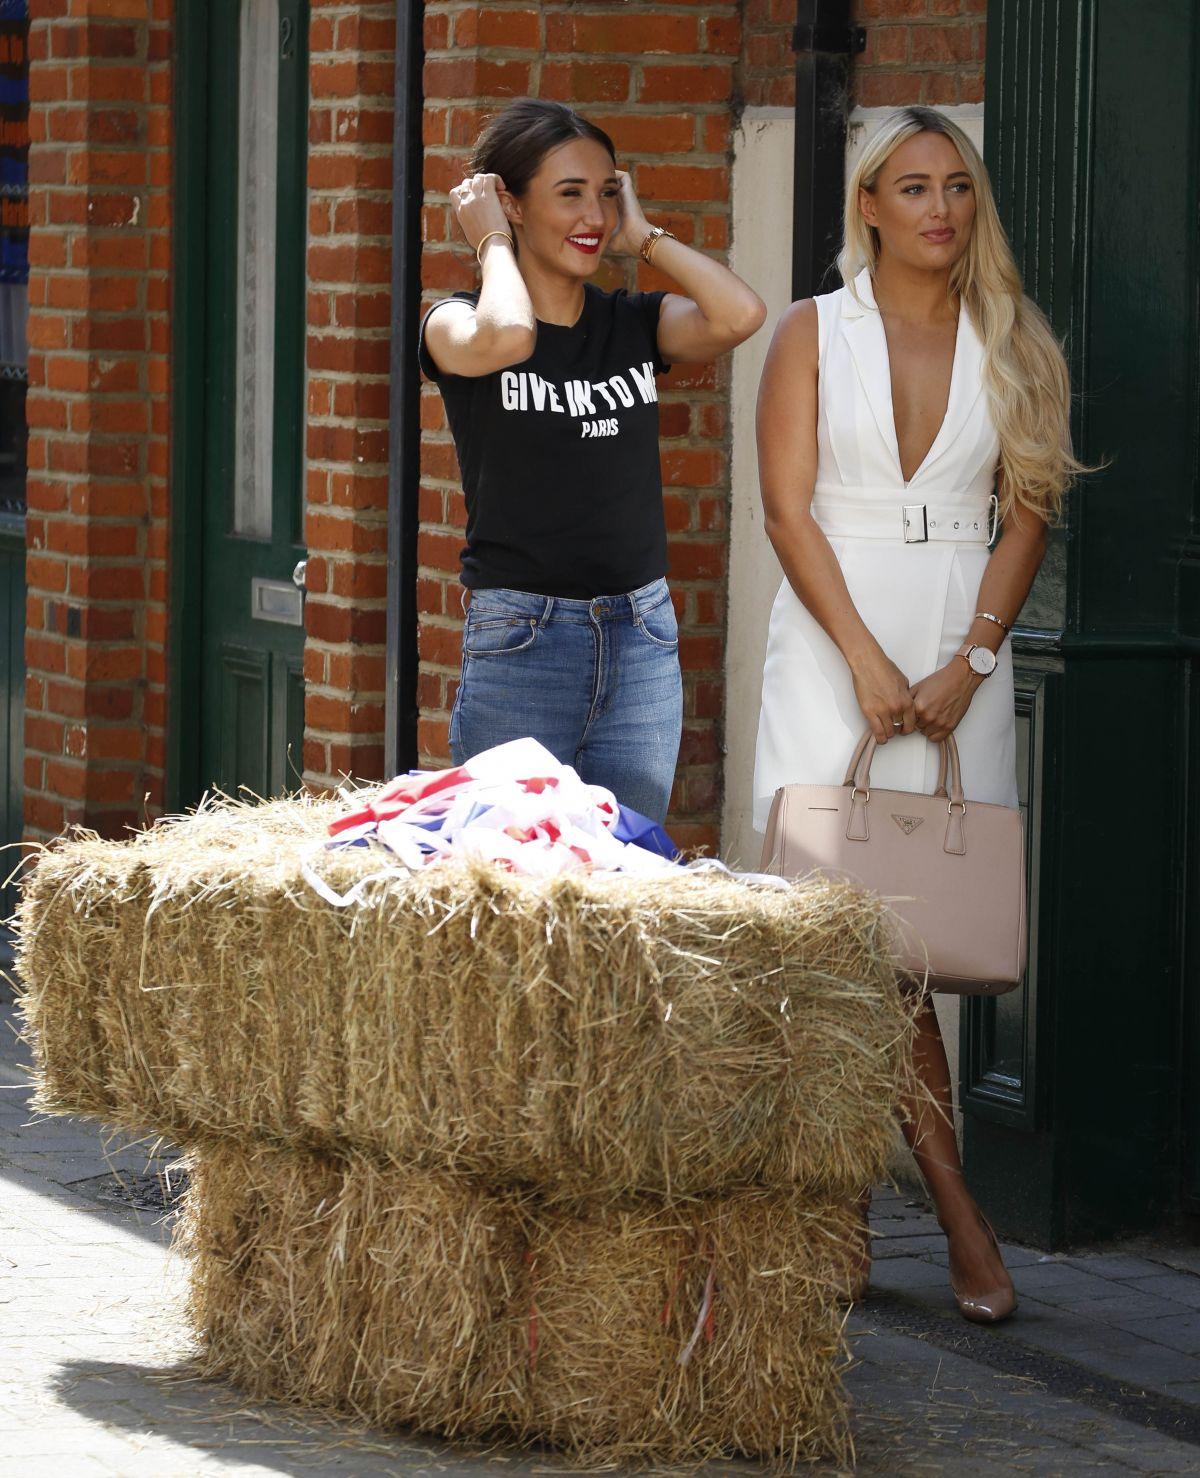 AMBER TURNER and MEGAN MCKENNA at Gemma Collins Shop in Essex 08/28/2017